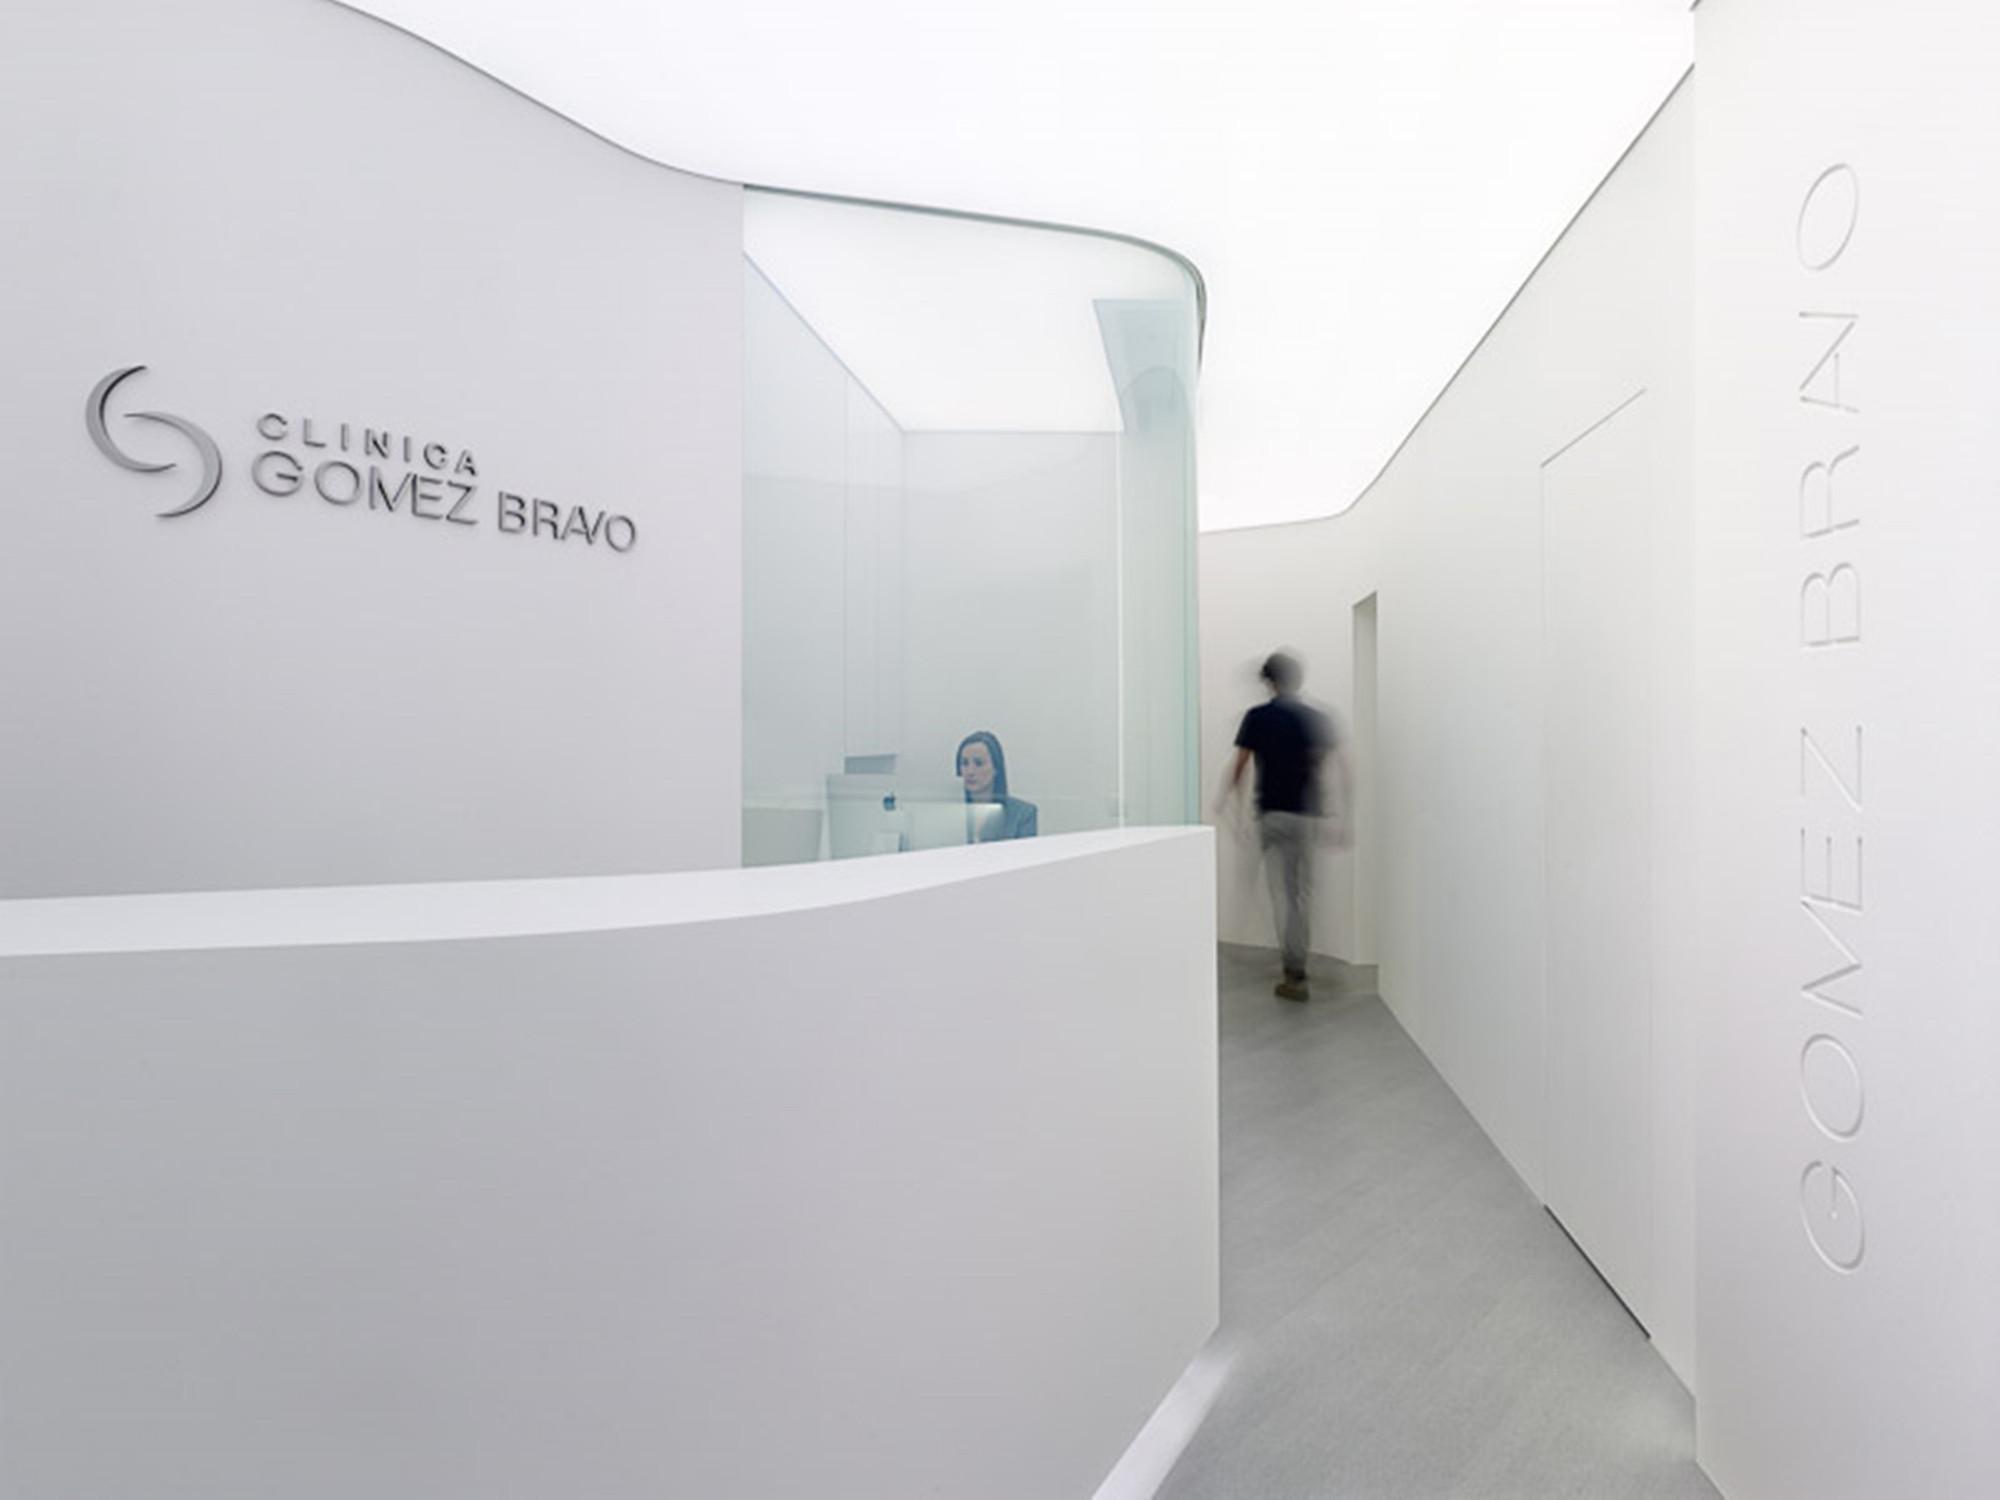 Clínica Gómez Bravo  / Iván Cotado Diseño de Interiores, © Héctor Santos-Díez